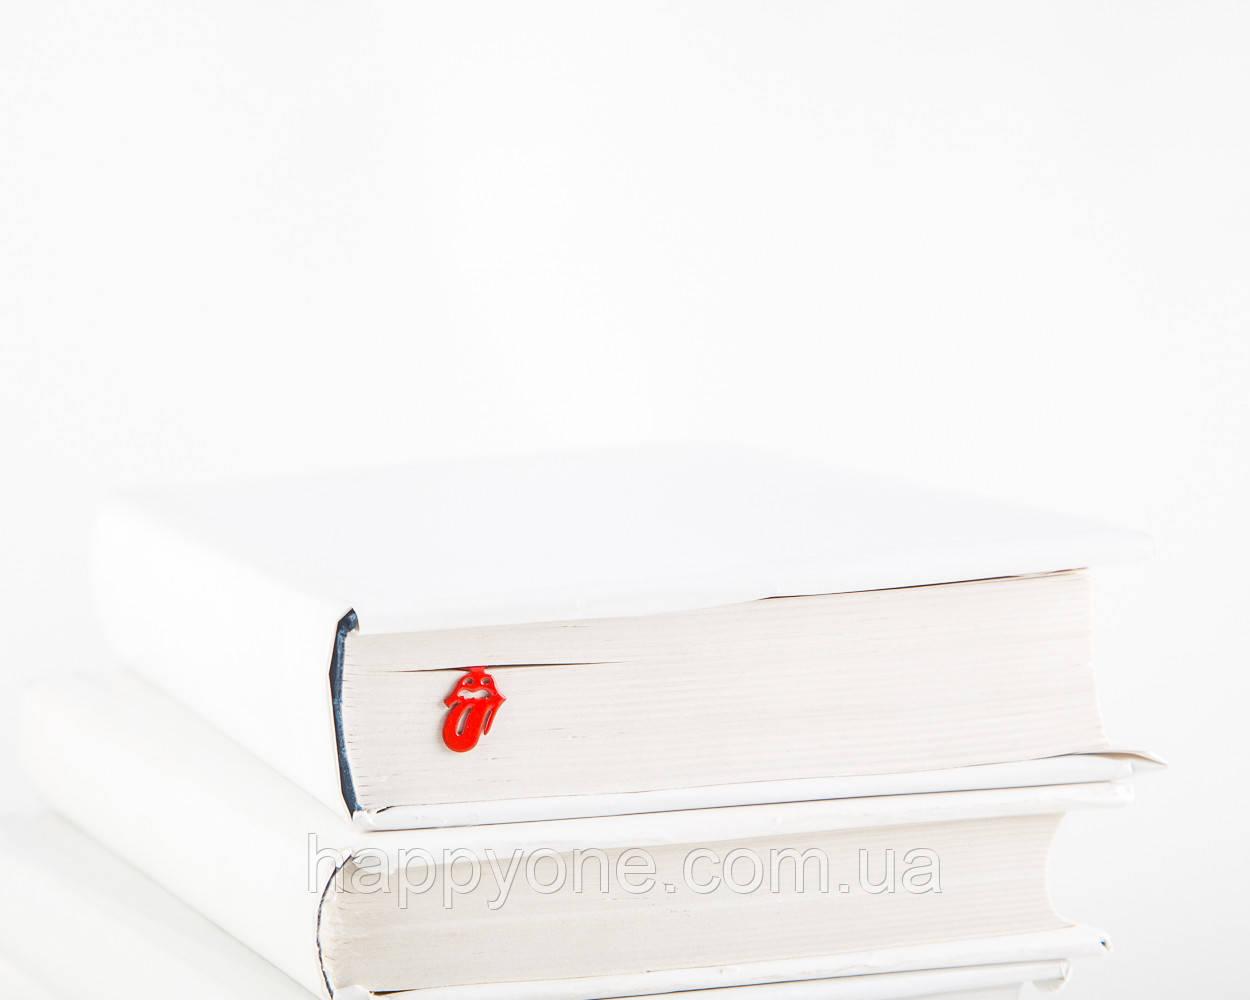 Закладка для книг Rolling Stones